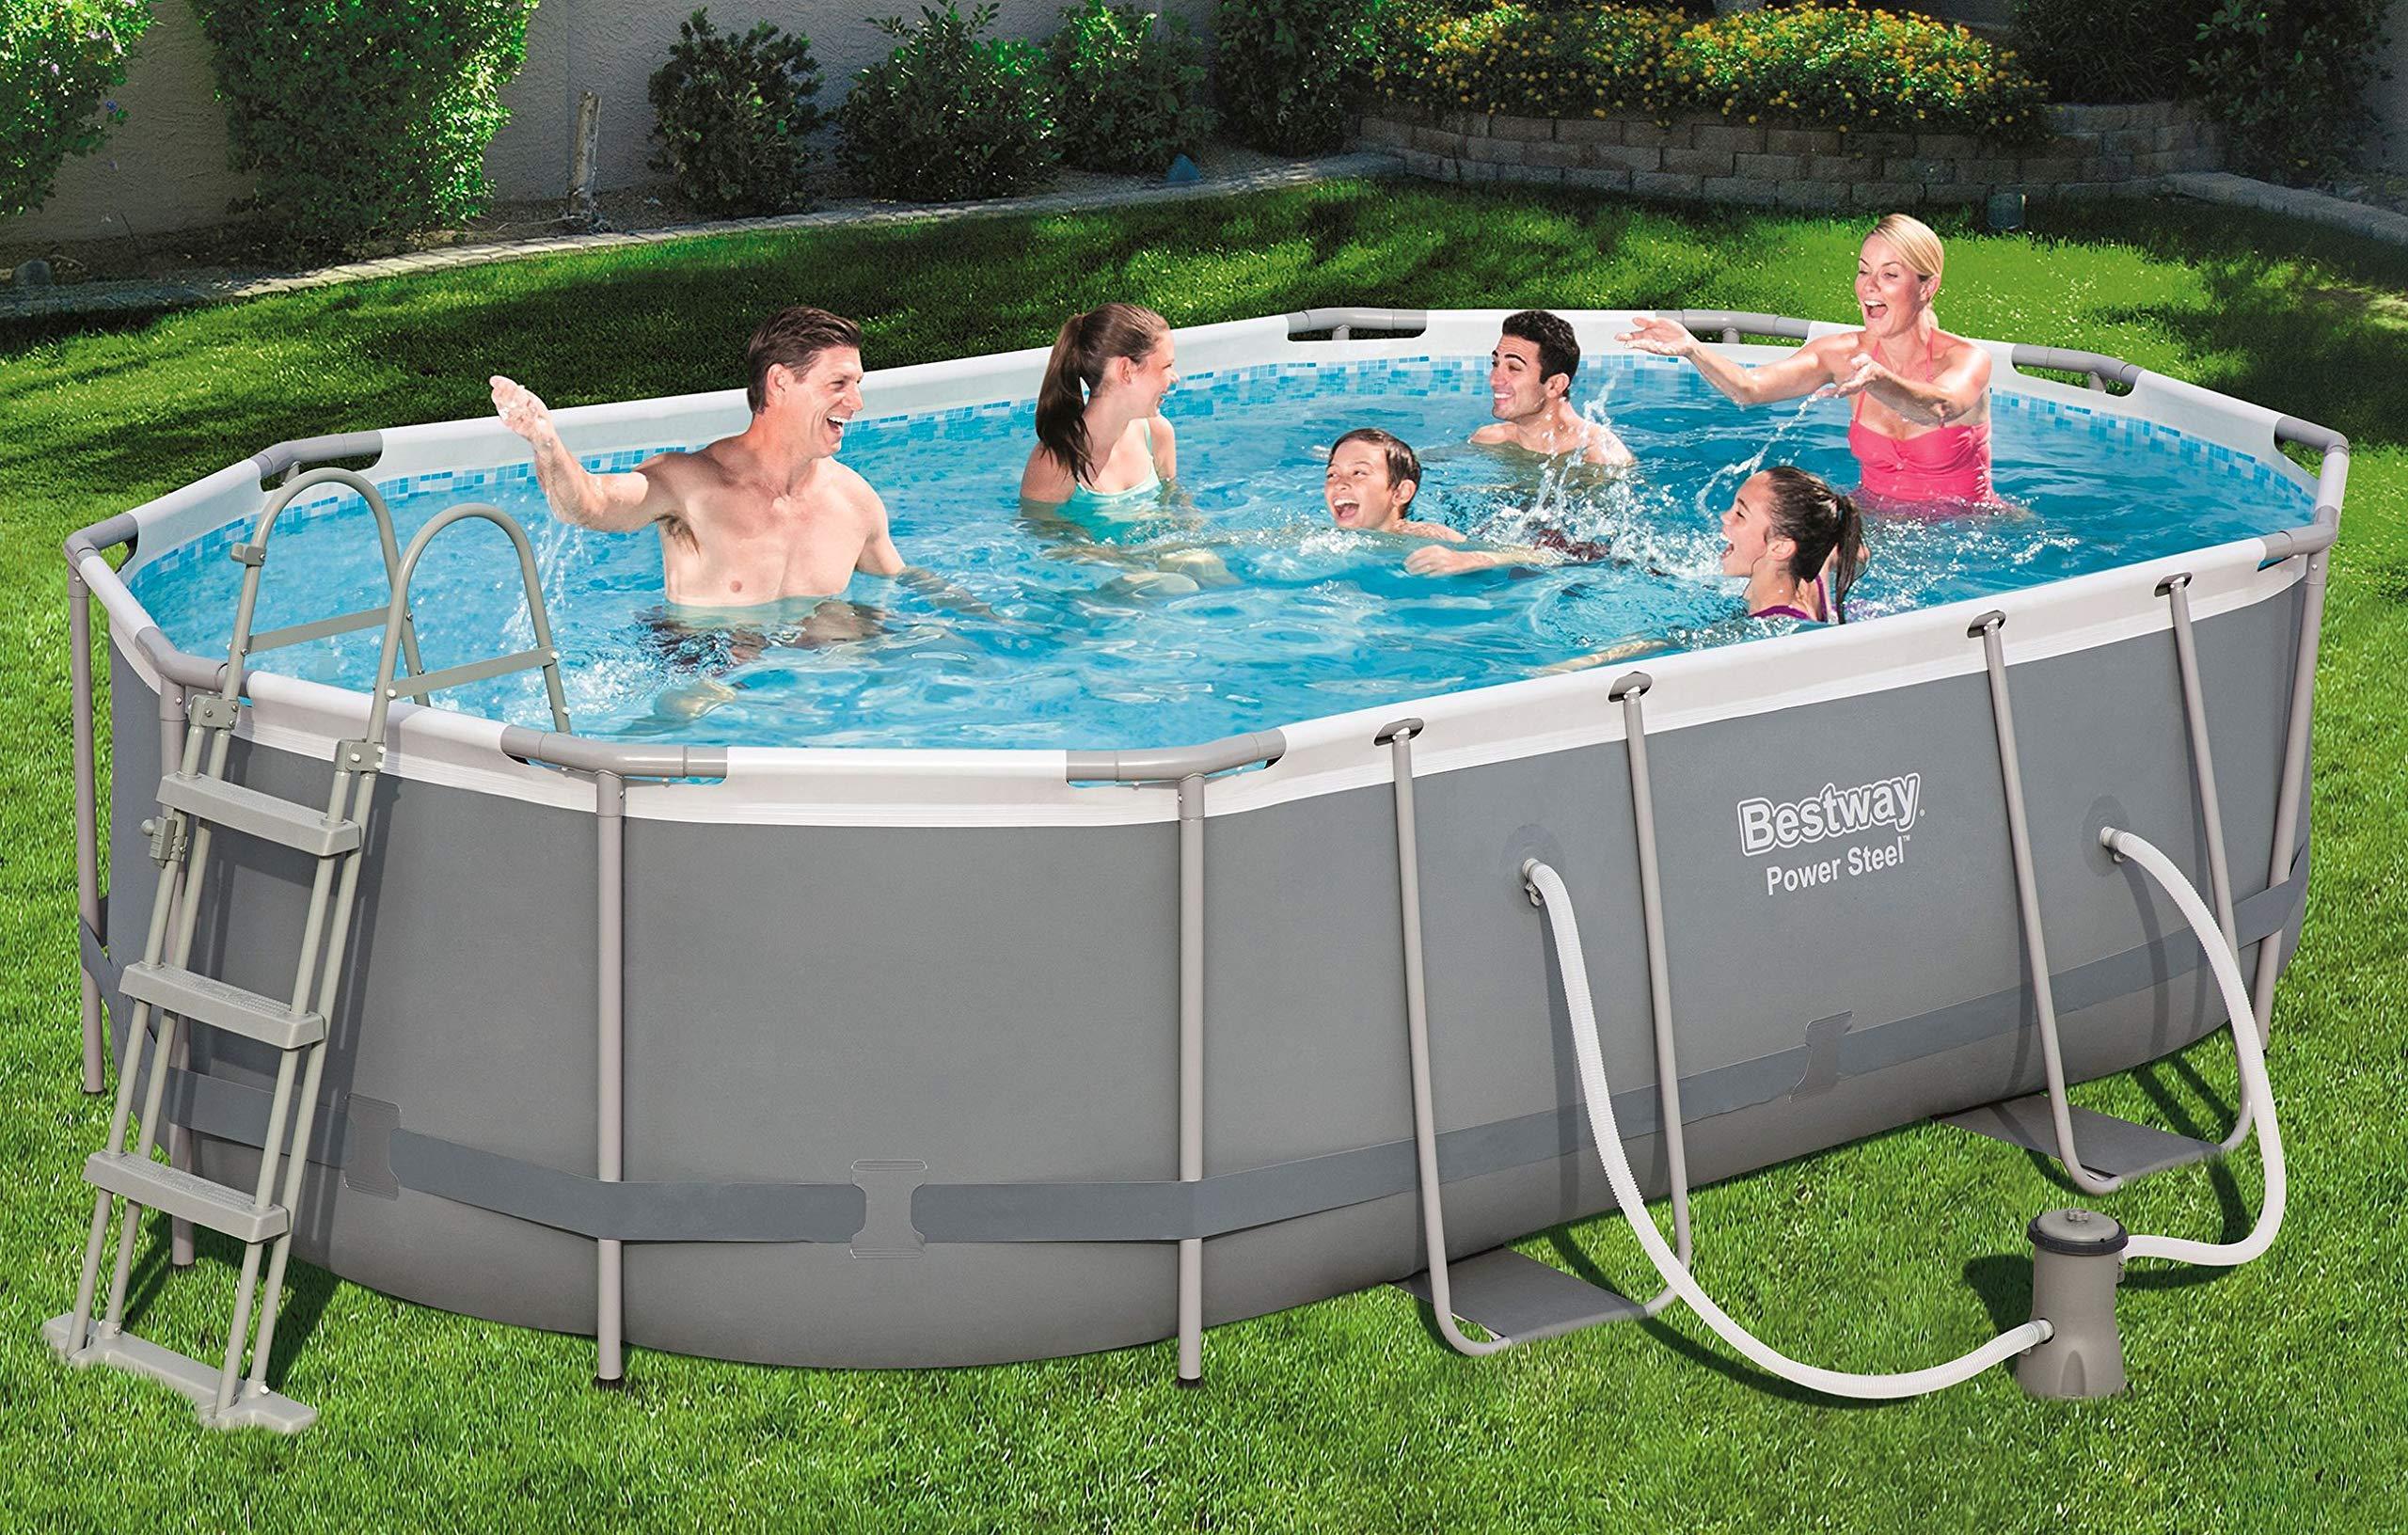 Bestway 56448 de GS19 Power Steel Pool 488 x 305 x 107 cm, Ovalado Marco de Acero Juego de Piscina con Bomba de Filtro y Accesorios, Gris: Amazon.es: Juguetes y juegos